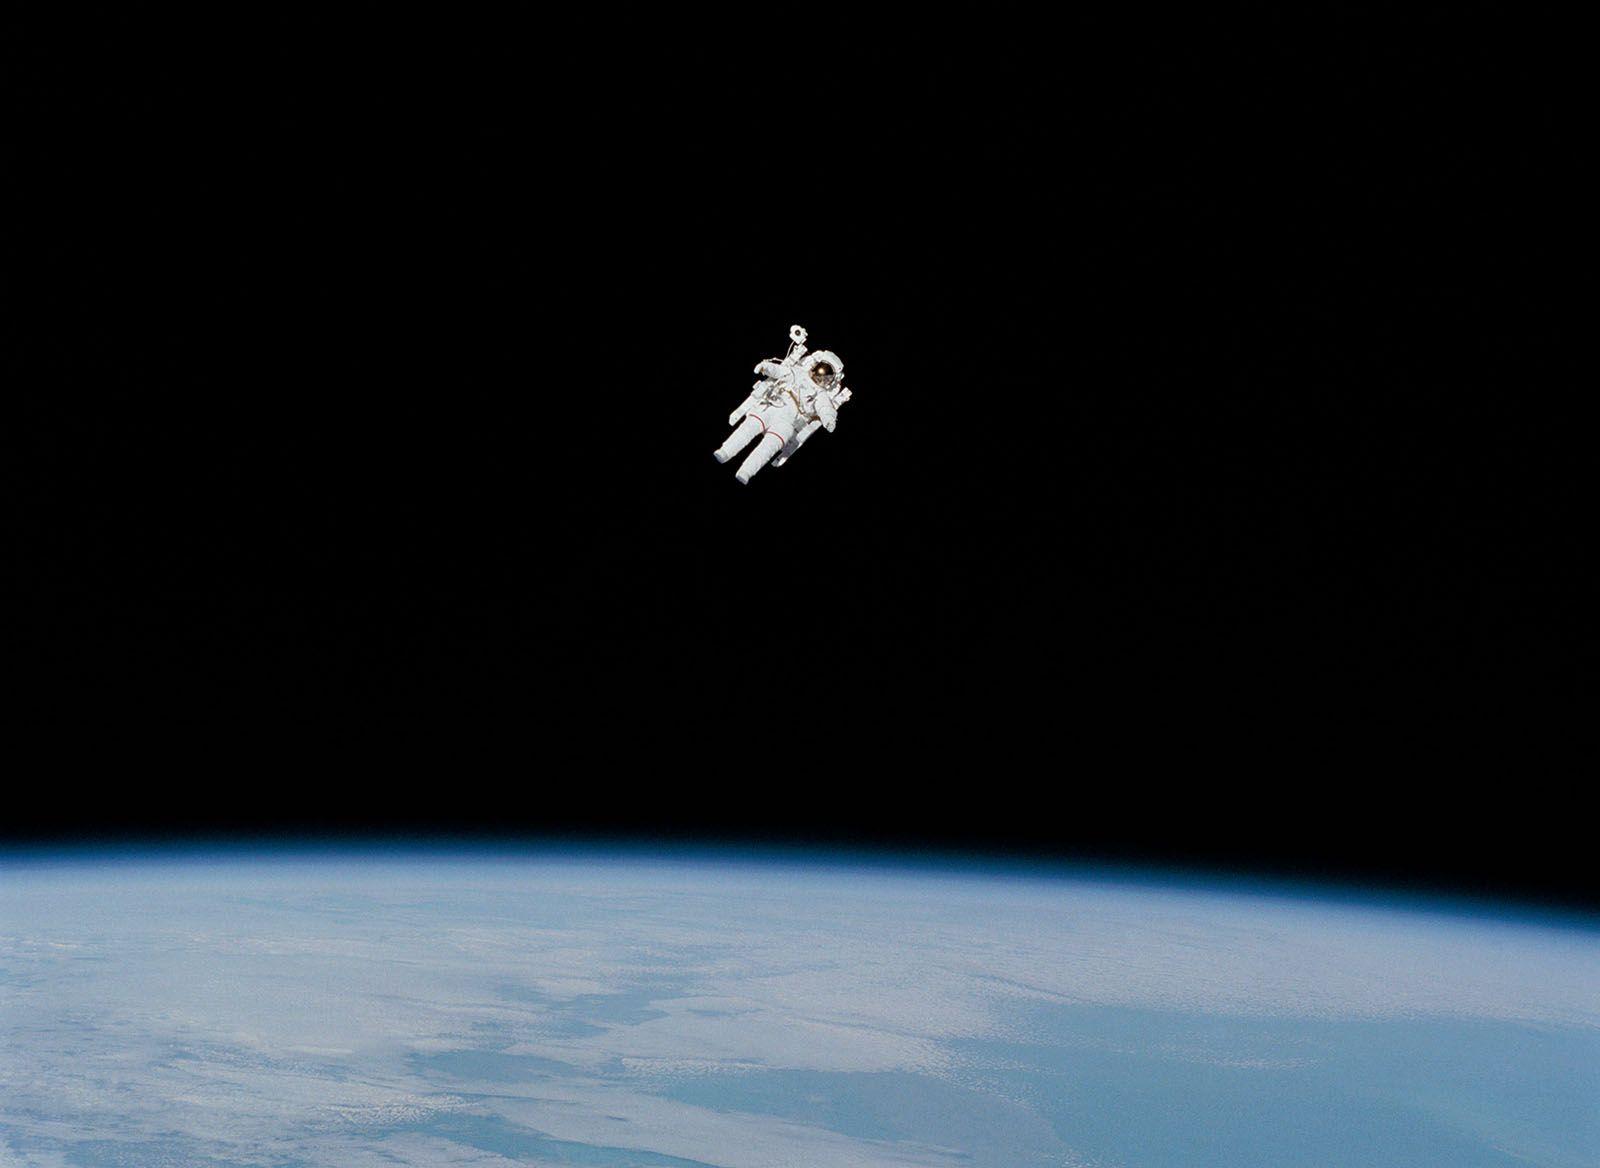 objetivo realista astronauta